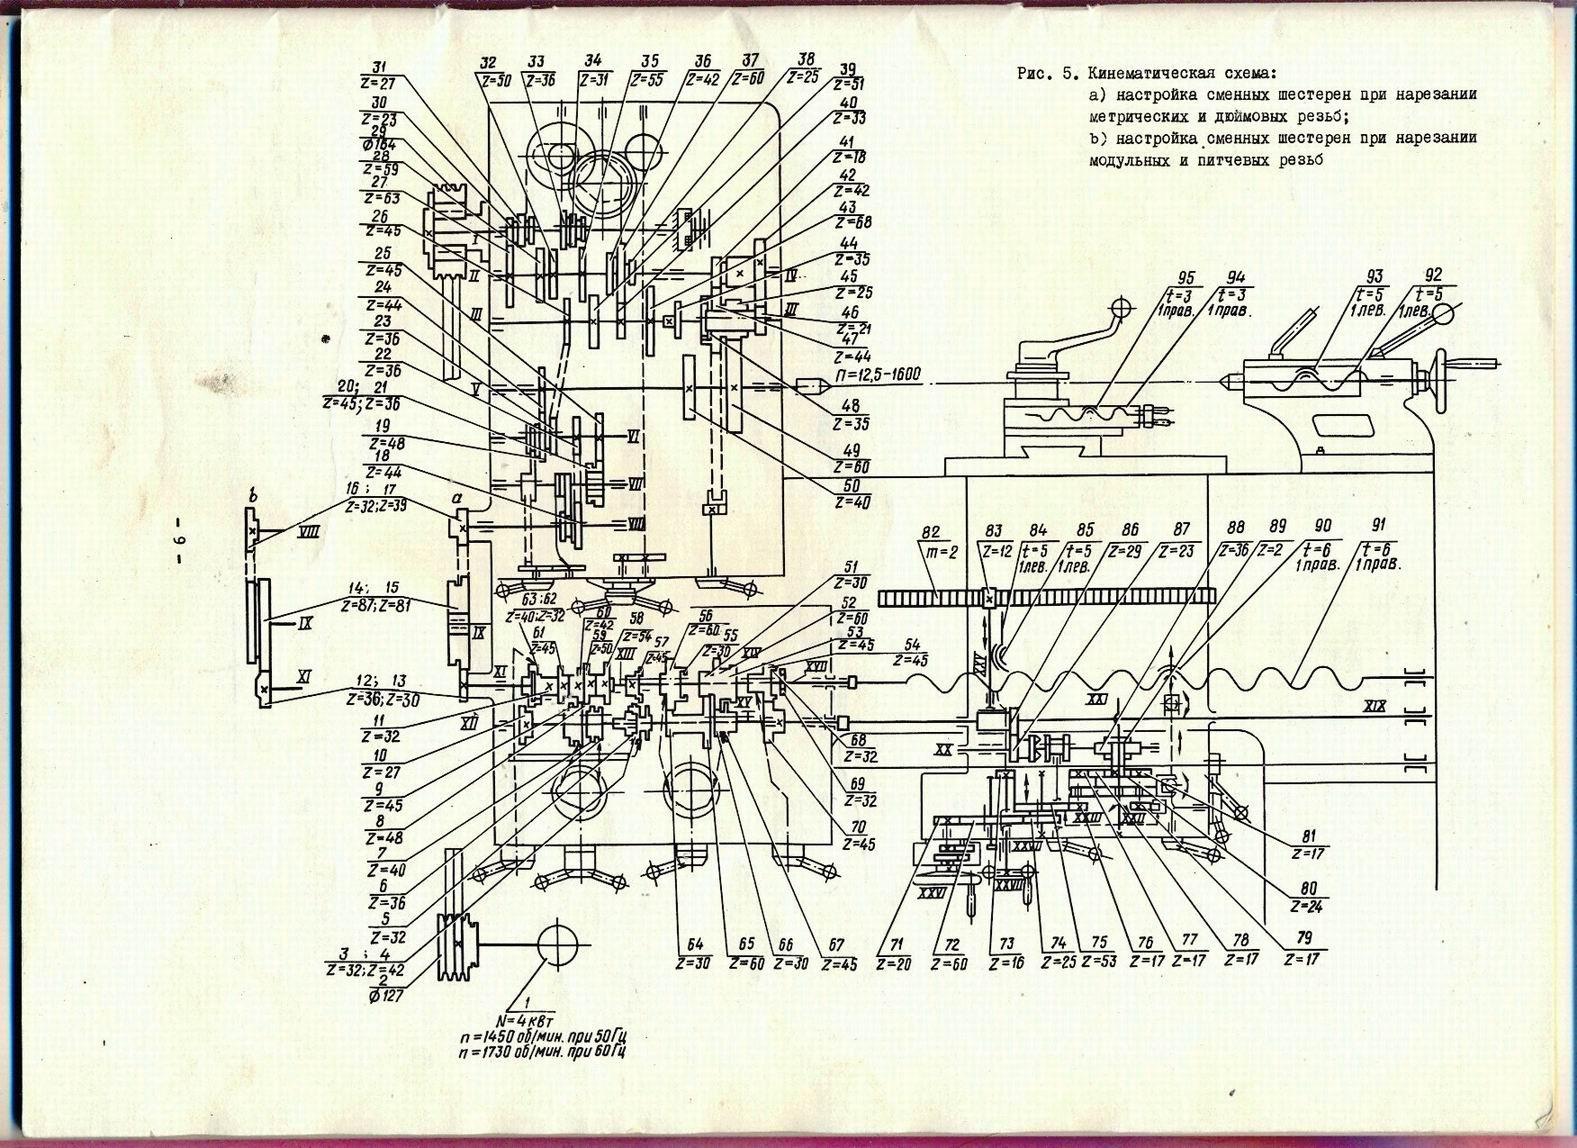 Токарный станок дип 300 кинематическая схема